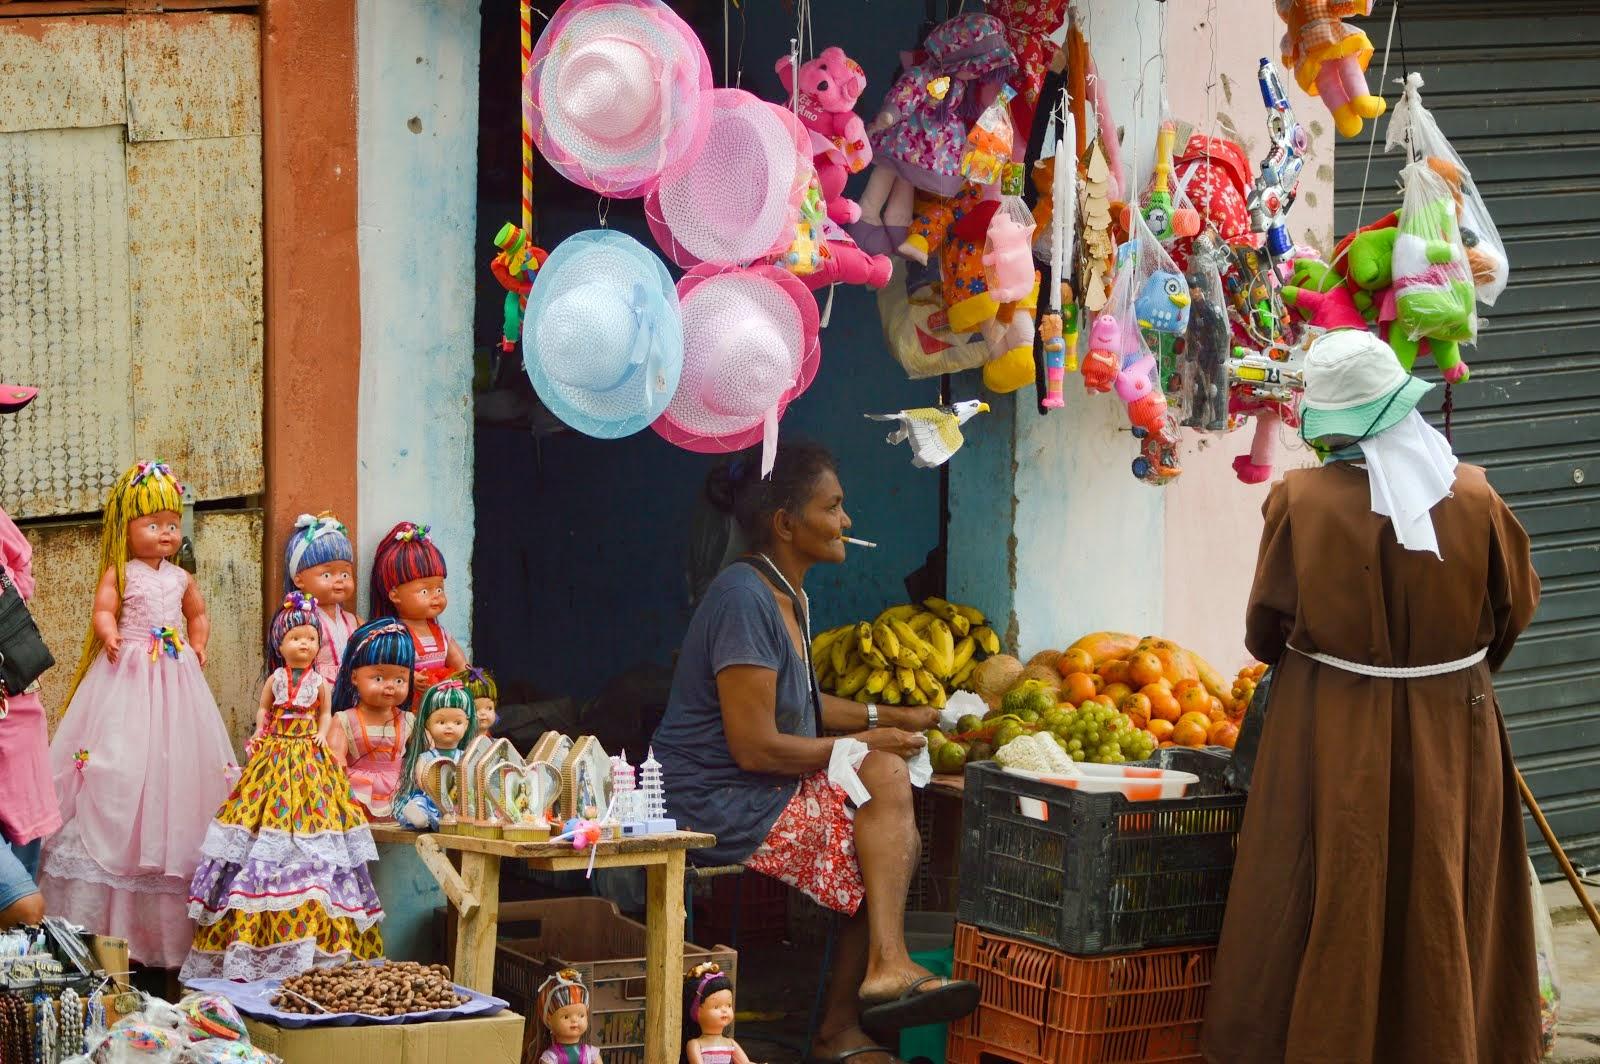 De casa para o comércio nas ruas